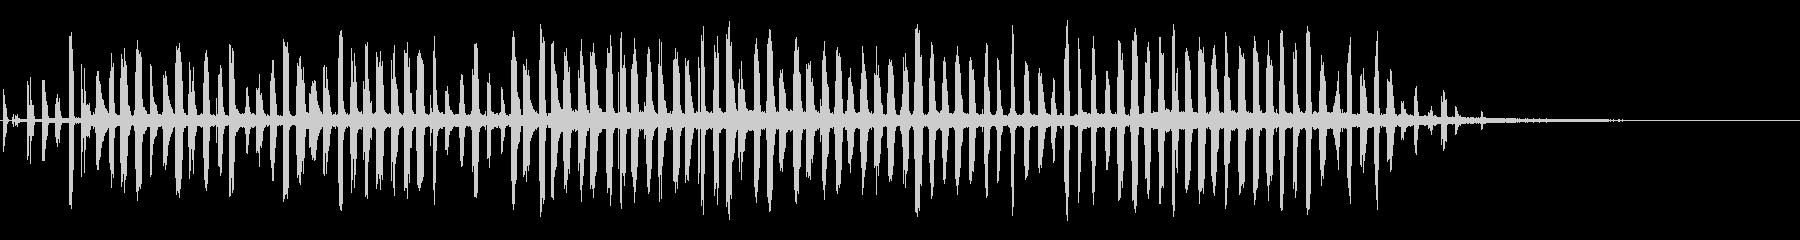 残響通信ビートの未再生の波形